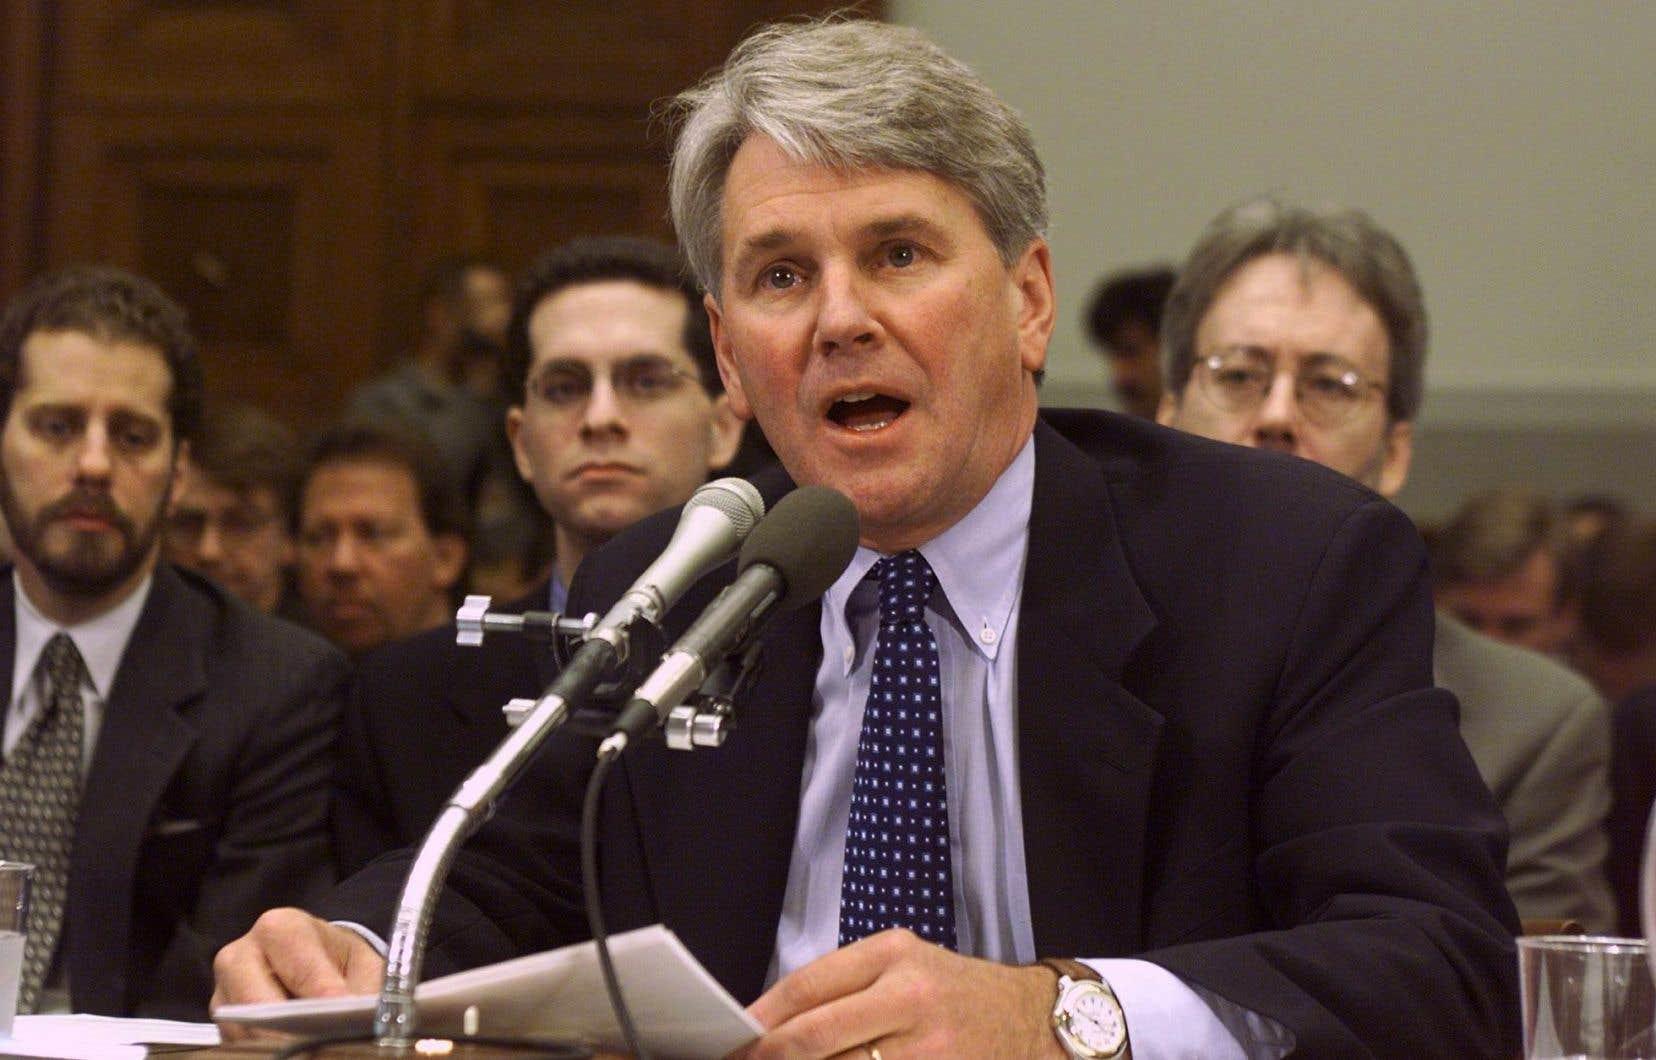 L'ex-conseiller de Barack Obama à la Maison-Blanche Gregory Craig